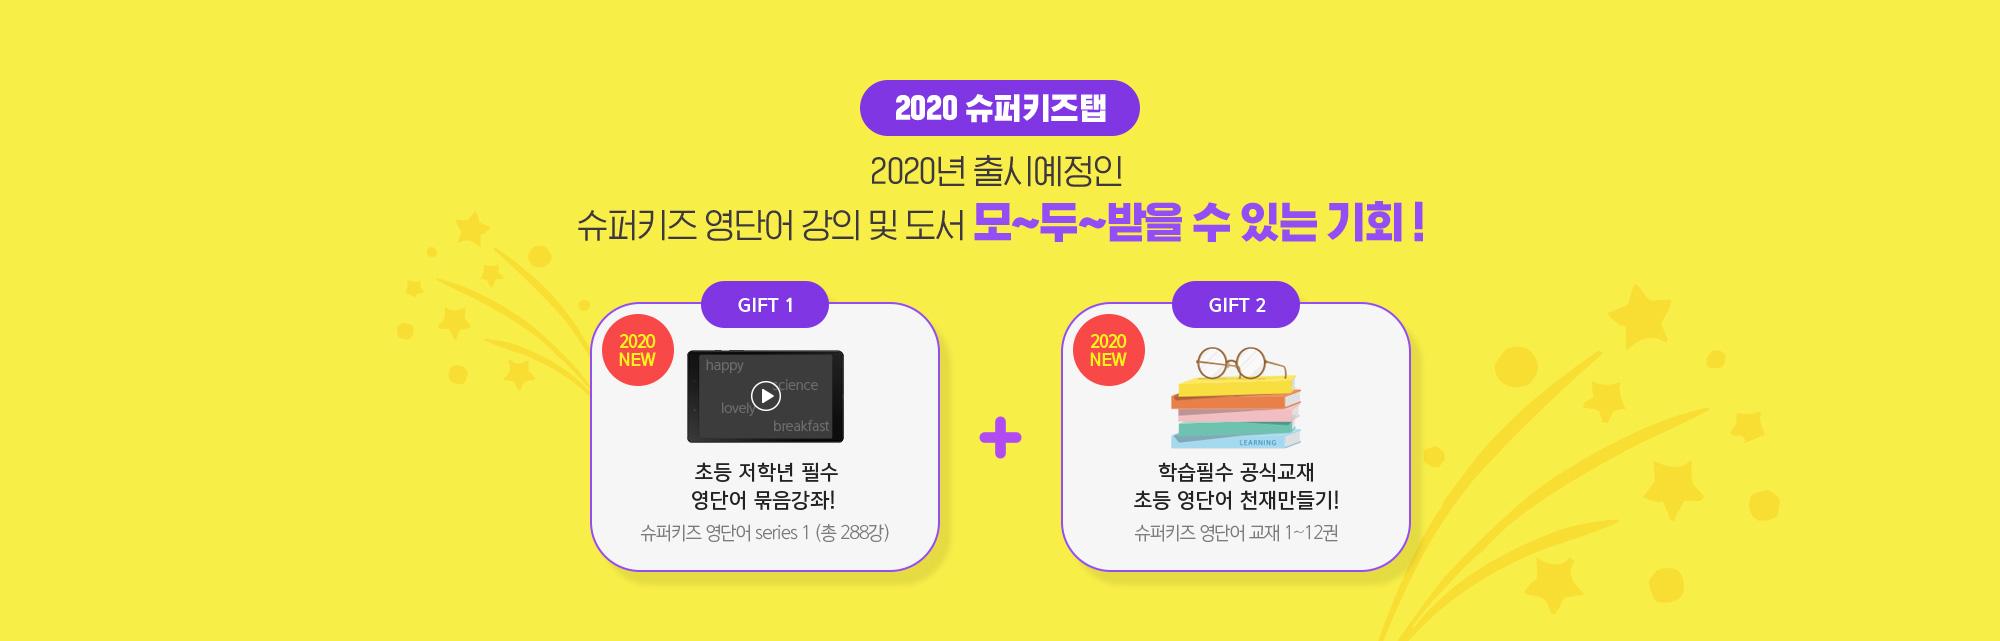 2020년 출시예정인 슈퍼키즈 영단어 강의 및 도서 모~두~ 받을 수 있는 기회!